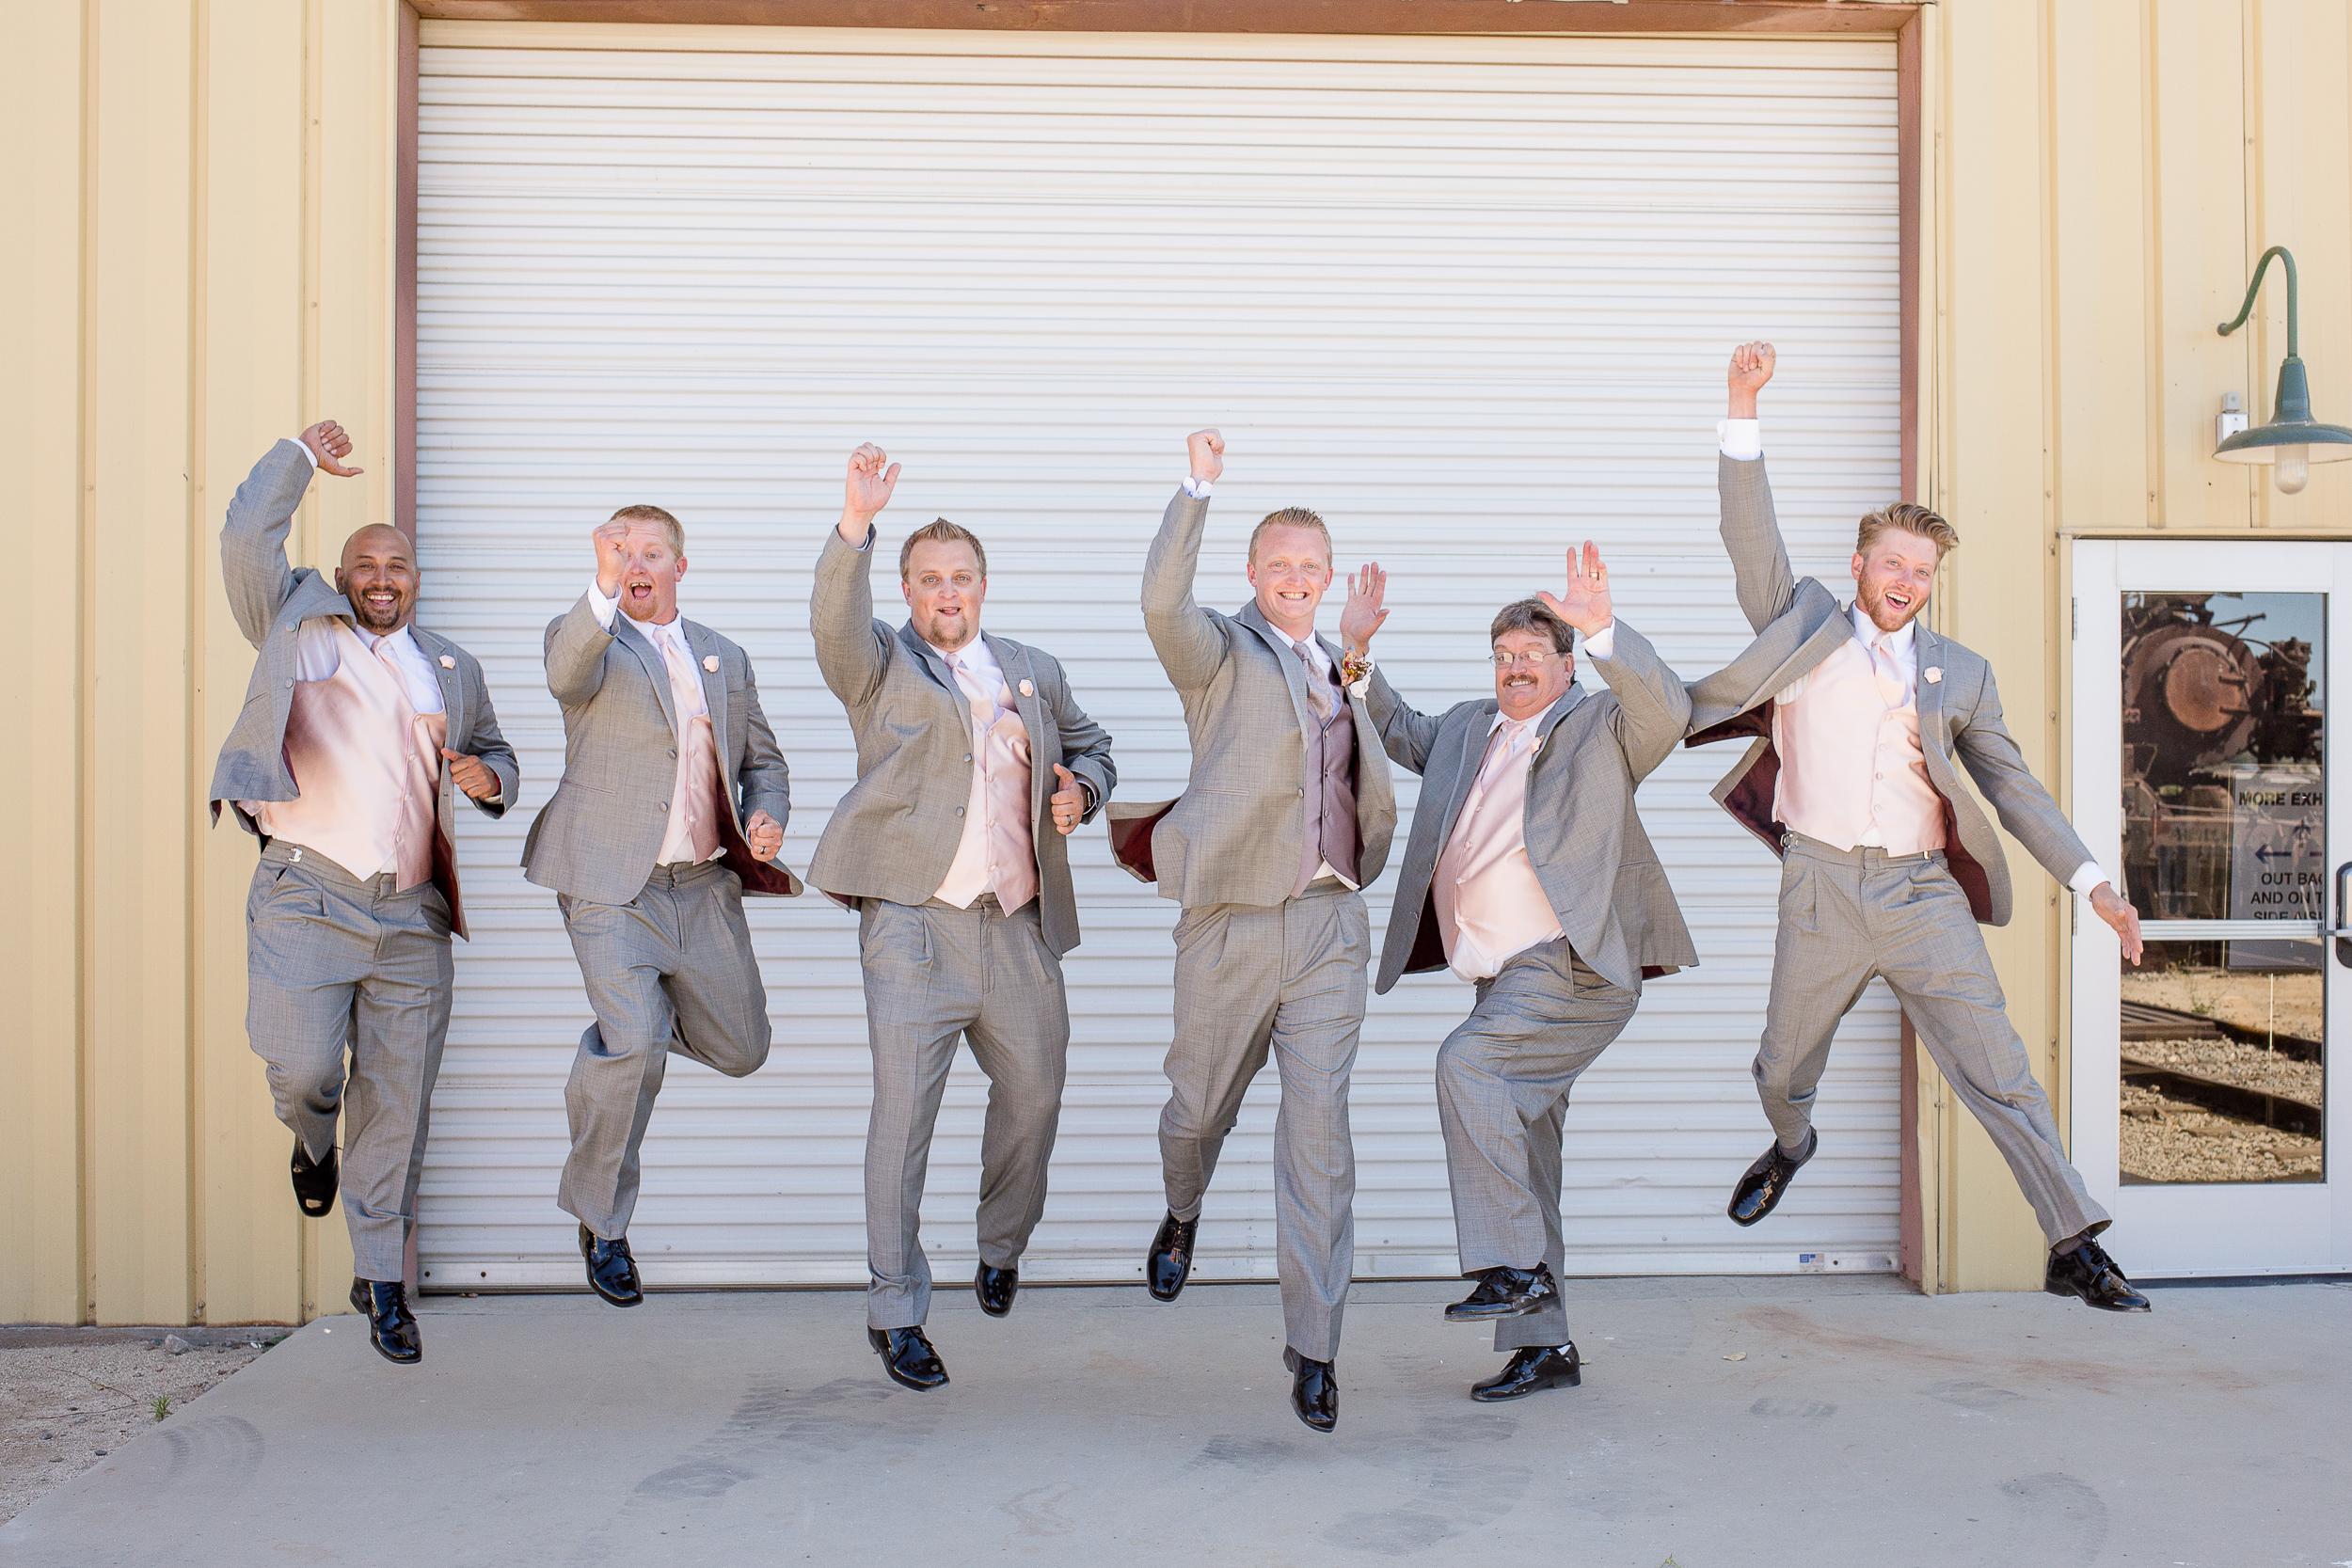 weddings-3-2.jpg